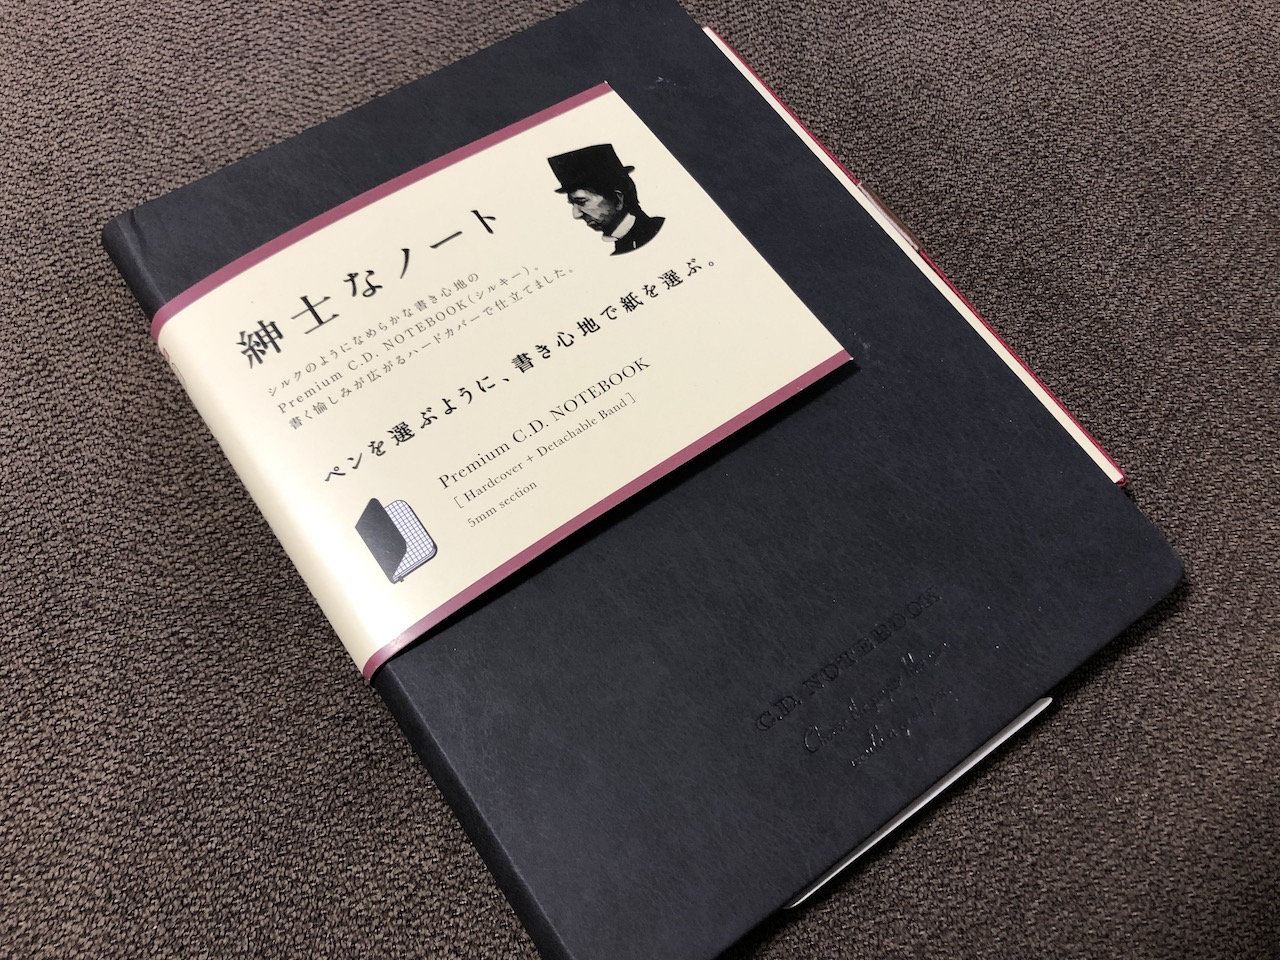 「紳士なノート」のハードカバー版の特徴